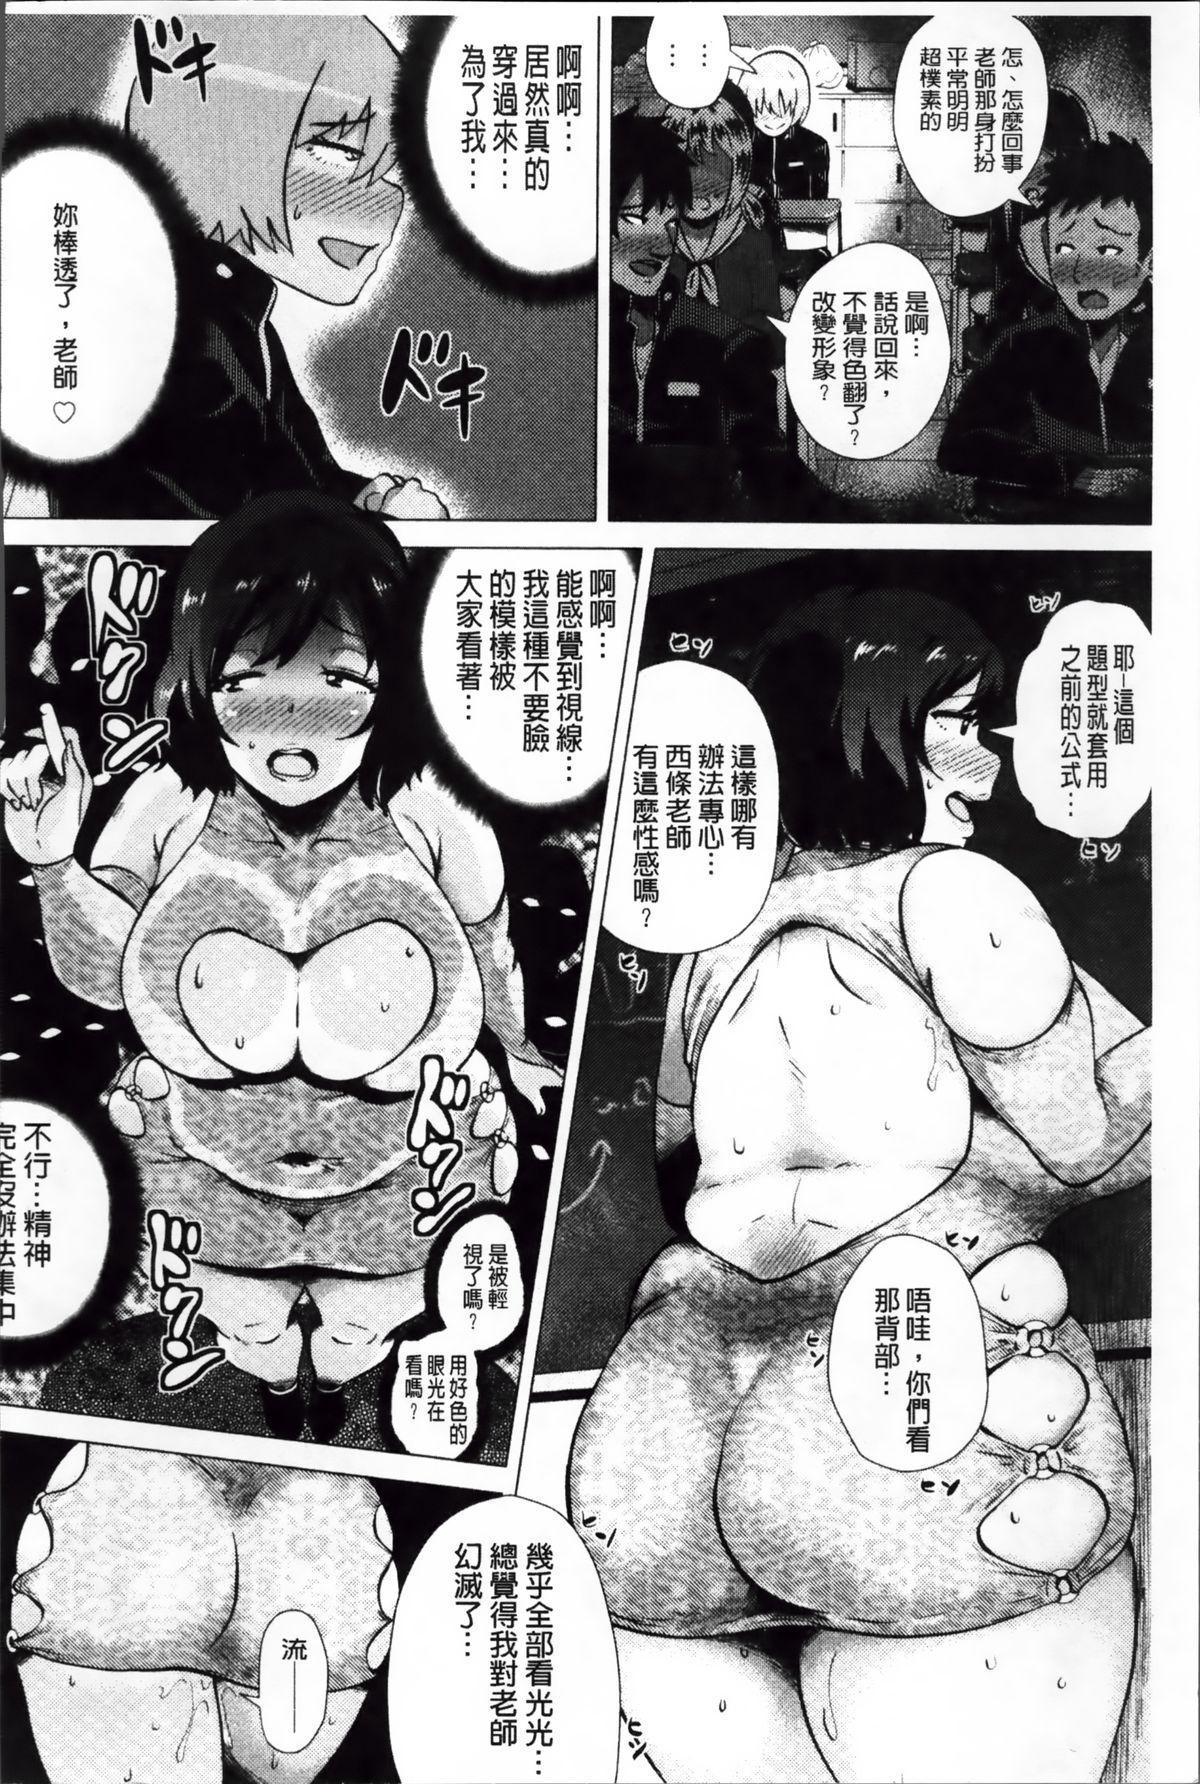 Megabody Night - Watashi no Oniku o Meshiagare 146